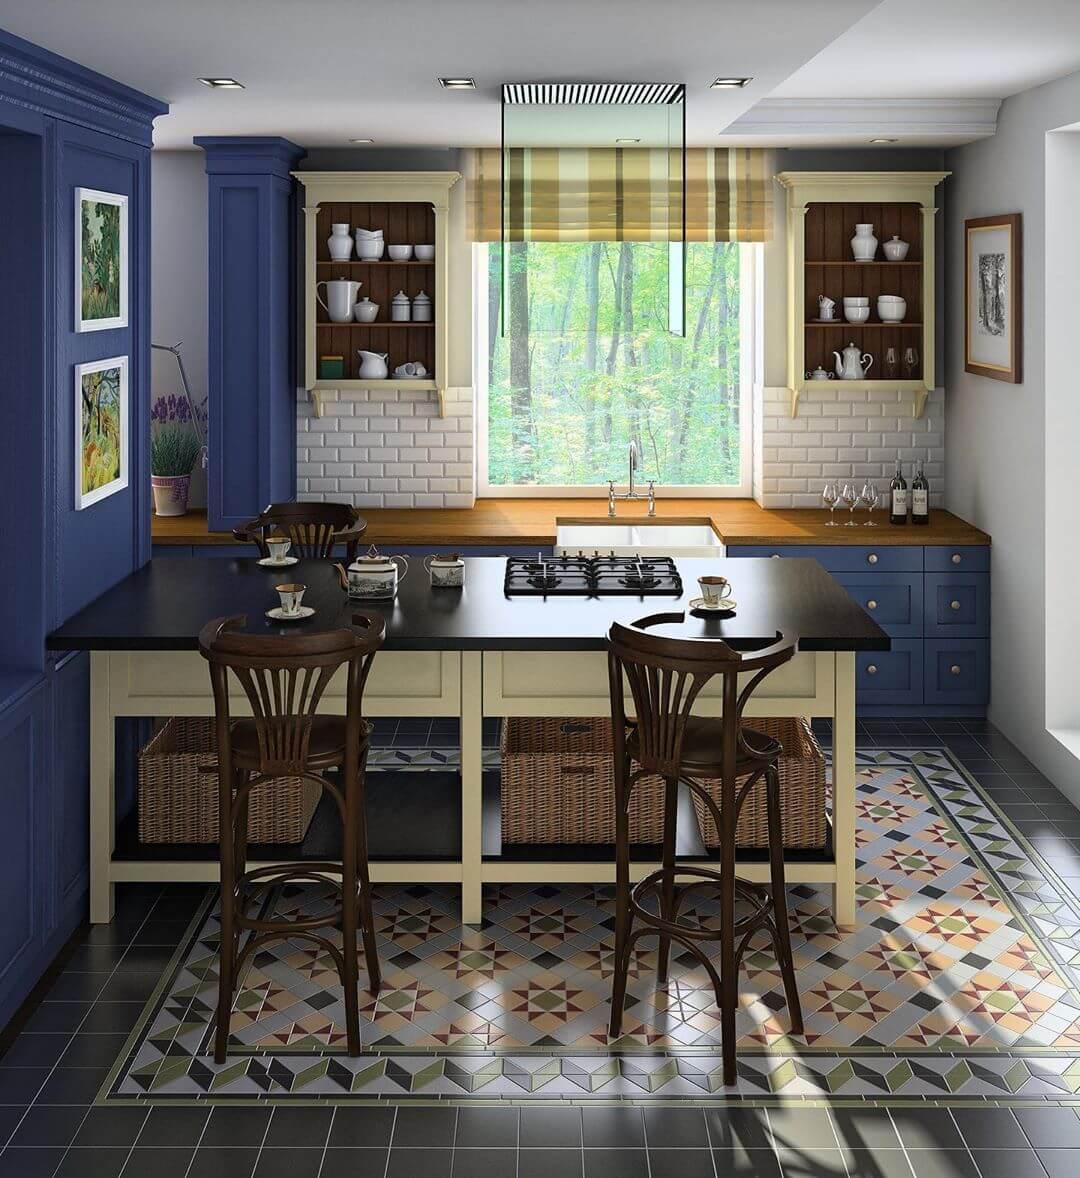 кухни вдоль окна в английском стиле фото все уже